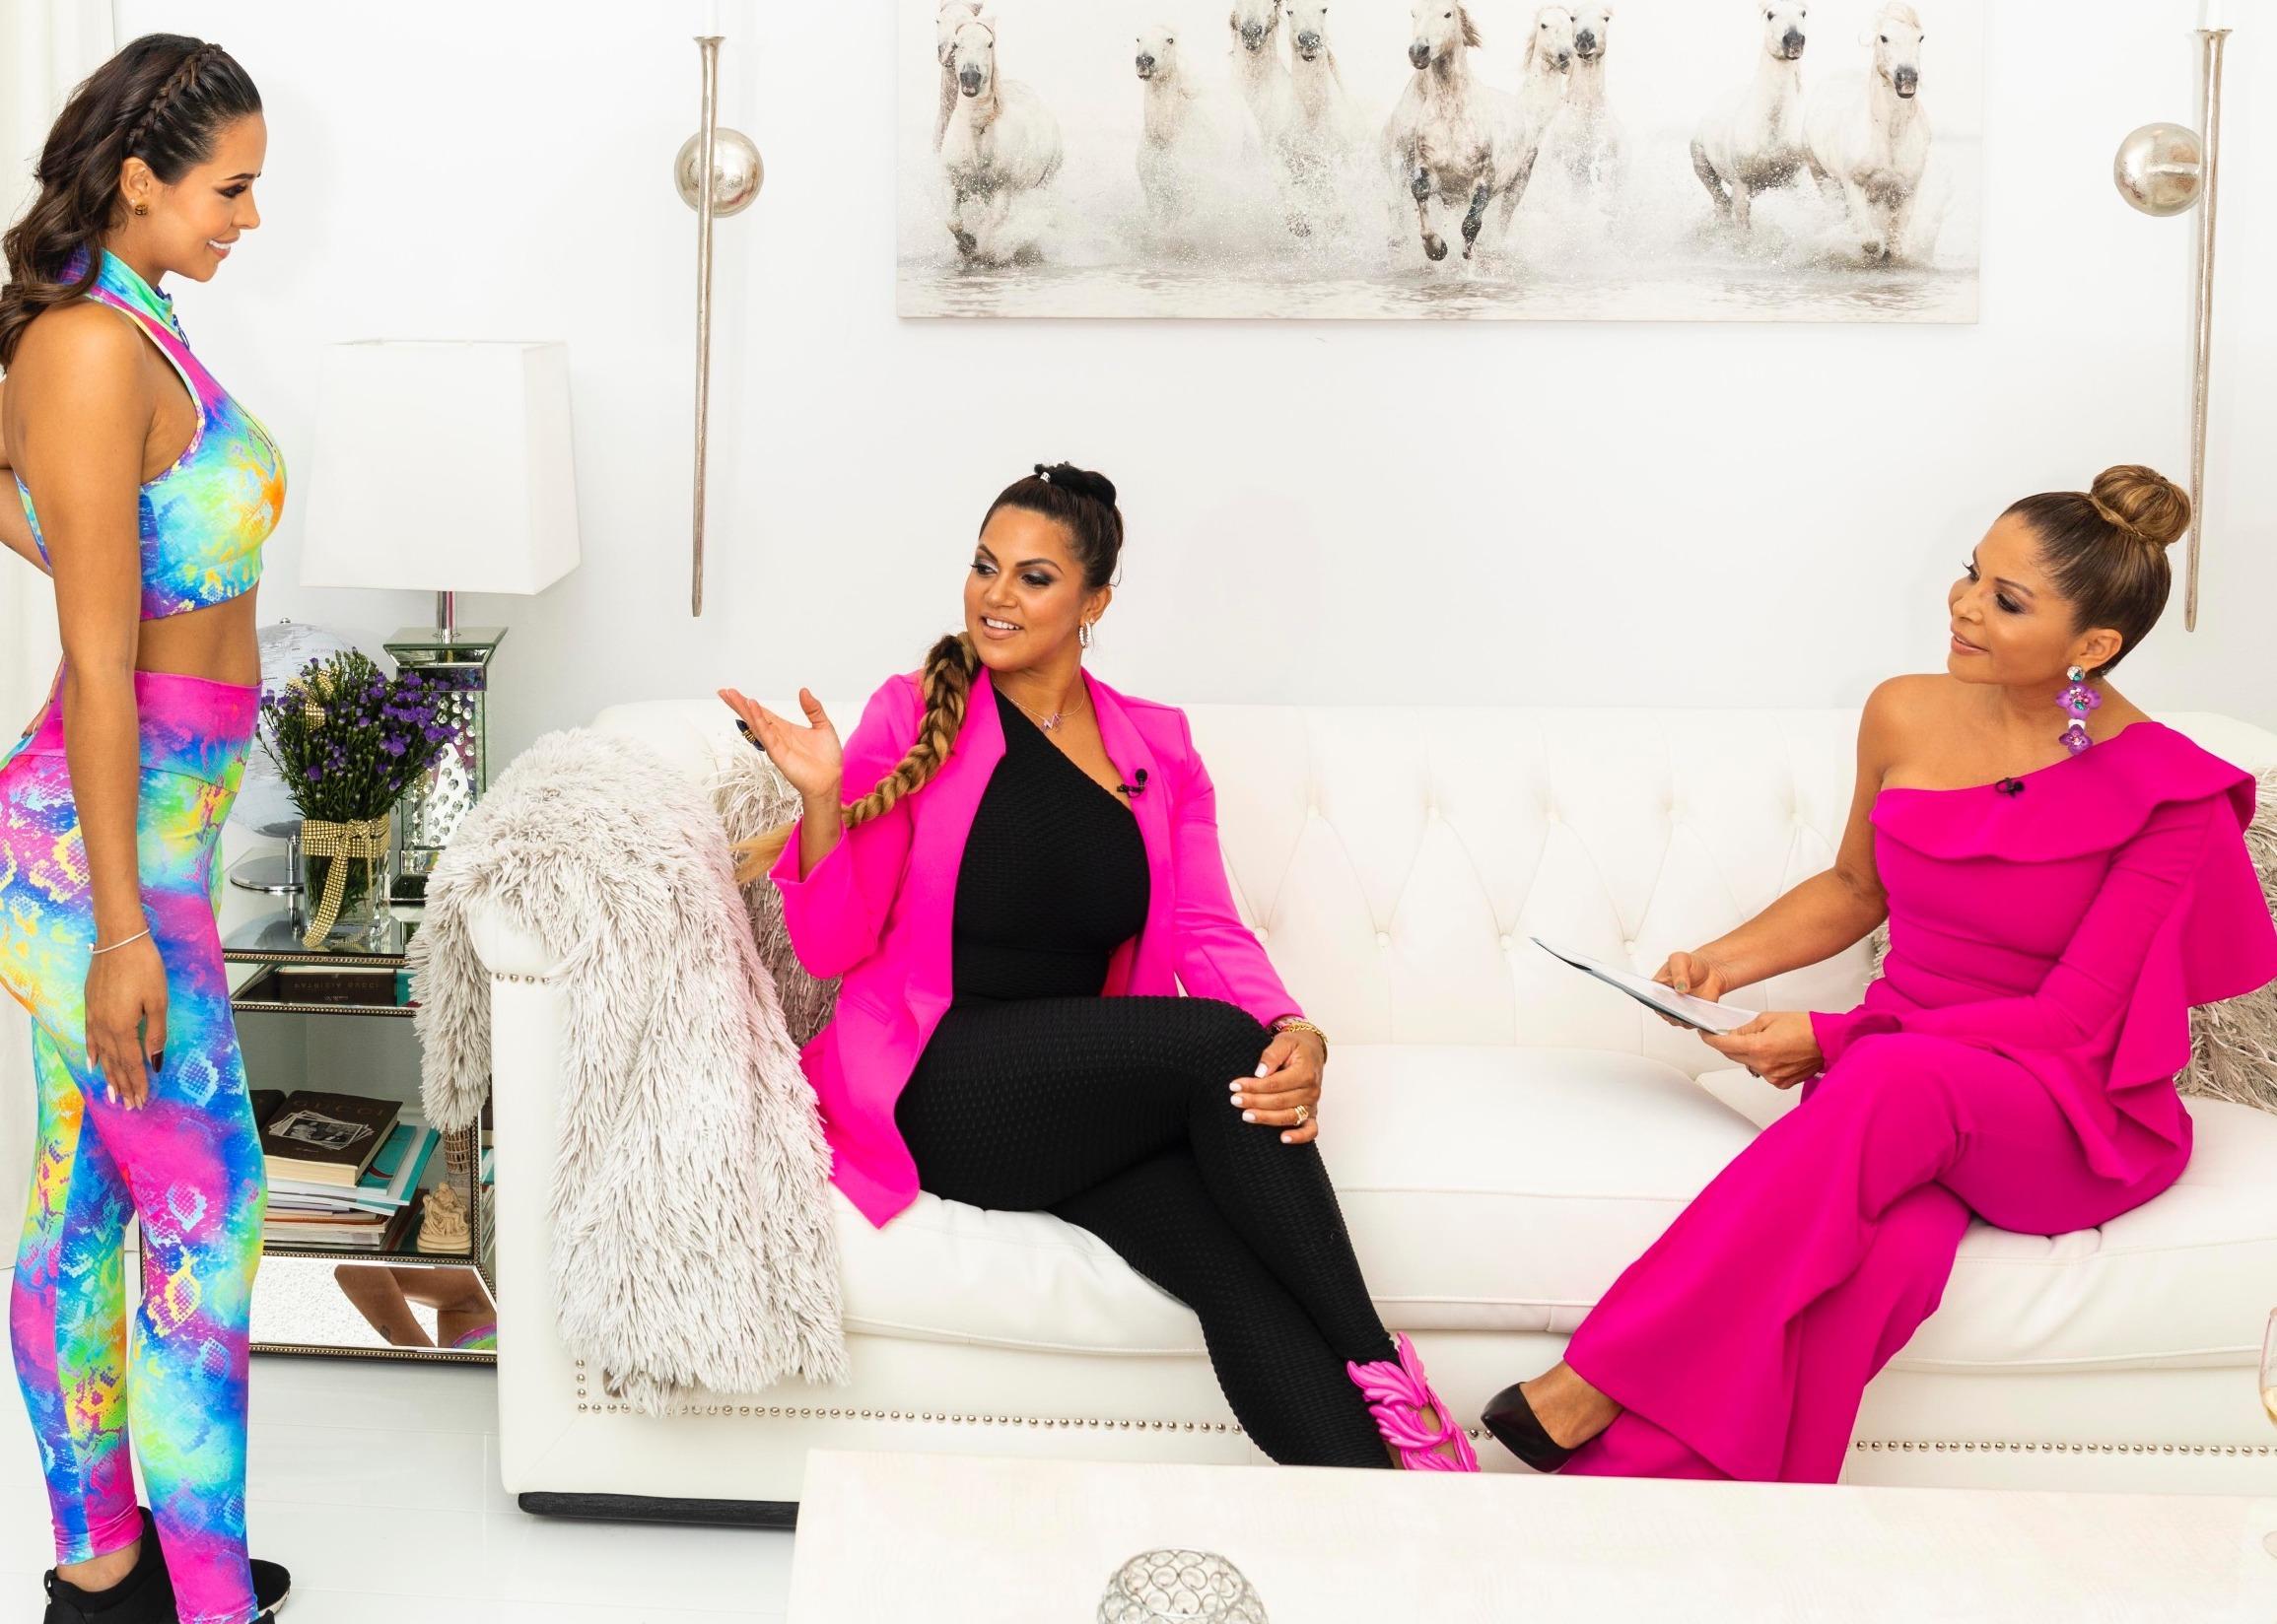 Marielys Batista: Una Latina Que Triunfa en la Industria de la Moda Fitness en Miami | Mujeres Empresarias Exitosas